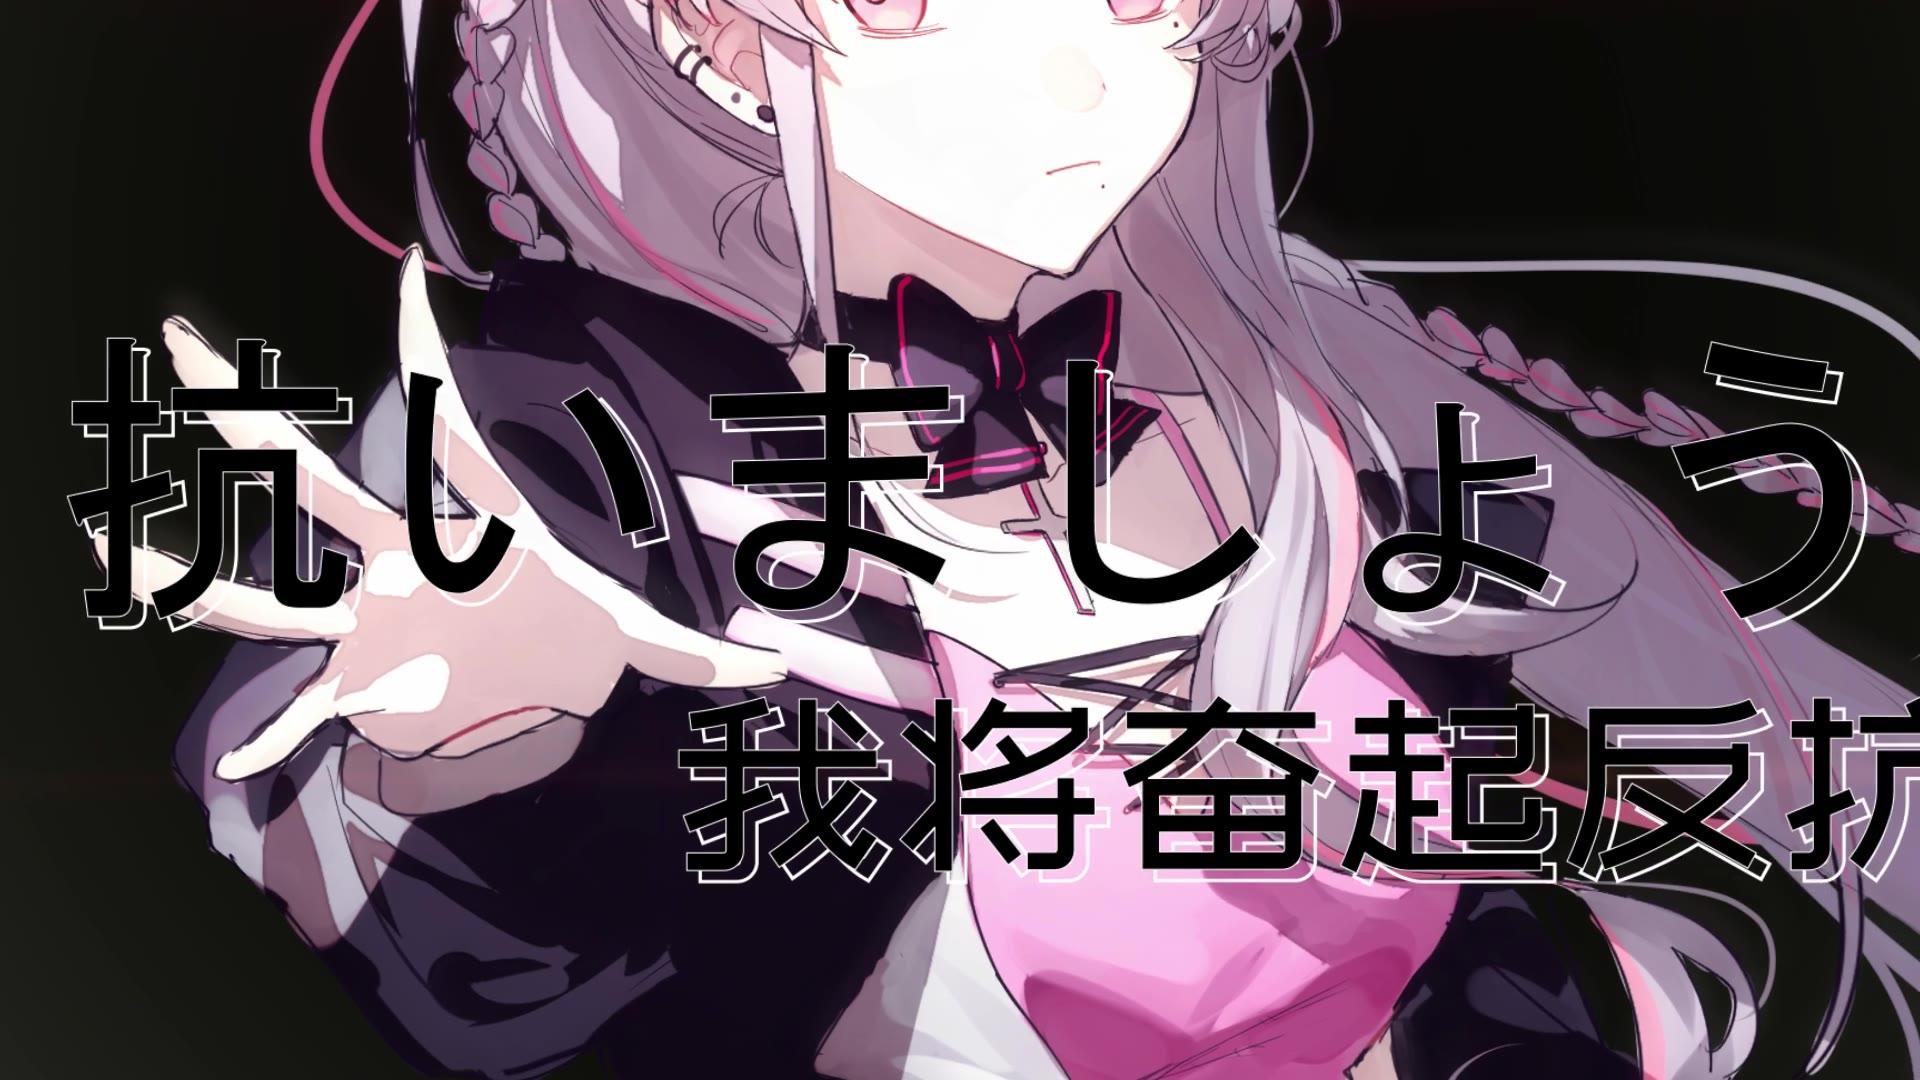 【出道上春晚】【Ito】かごめ / 笼中鸟【原创PV】(Cover:天神子兔音)